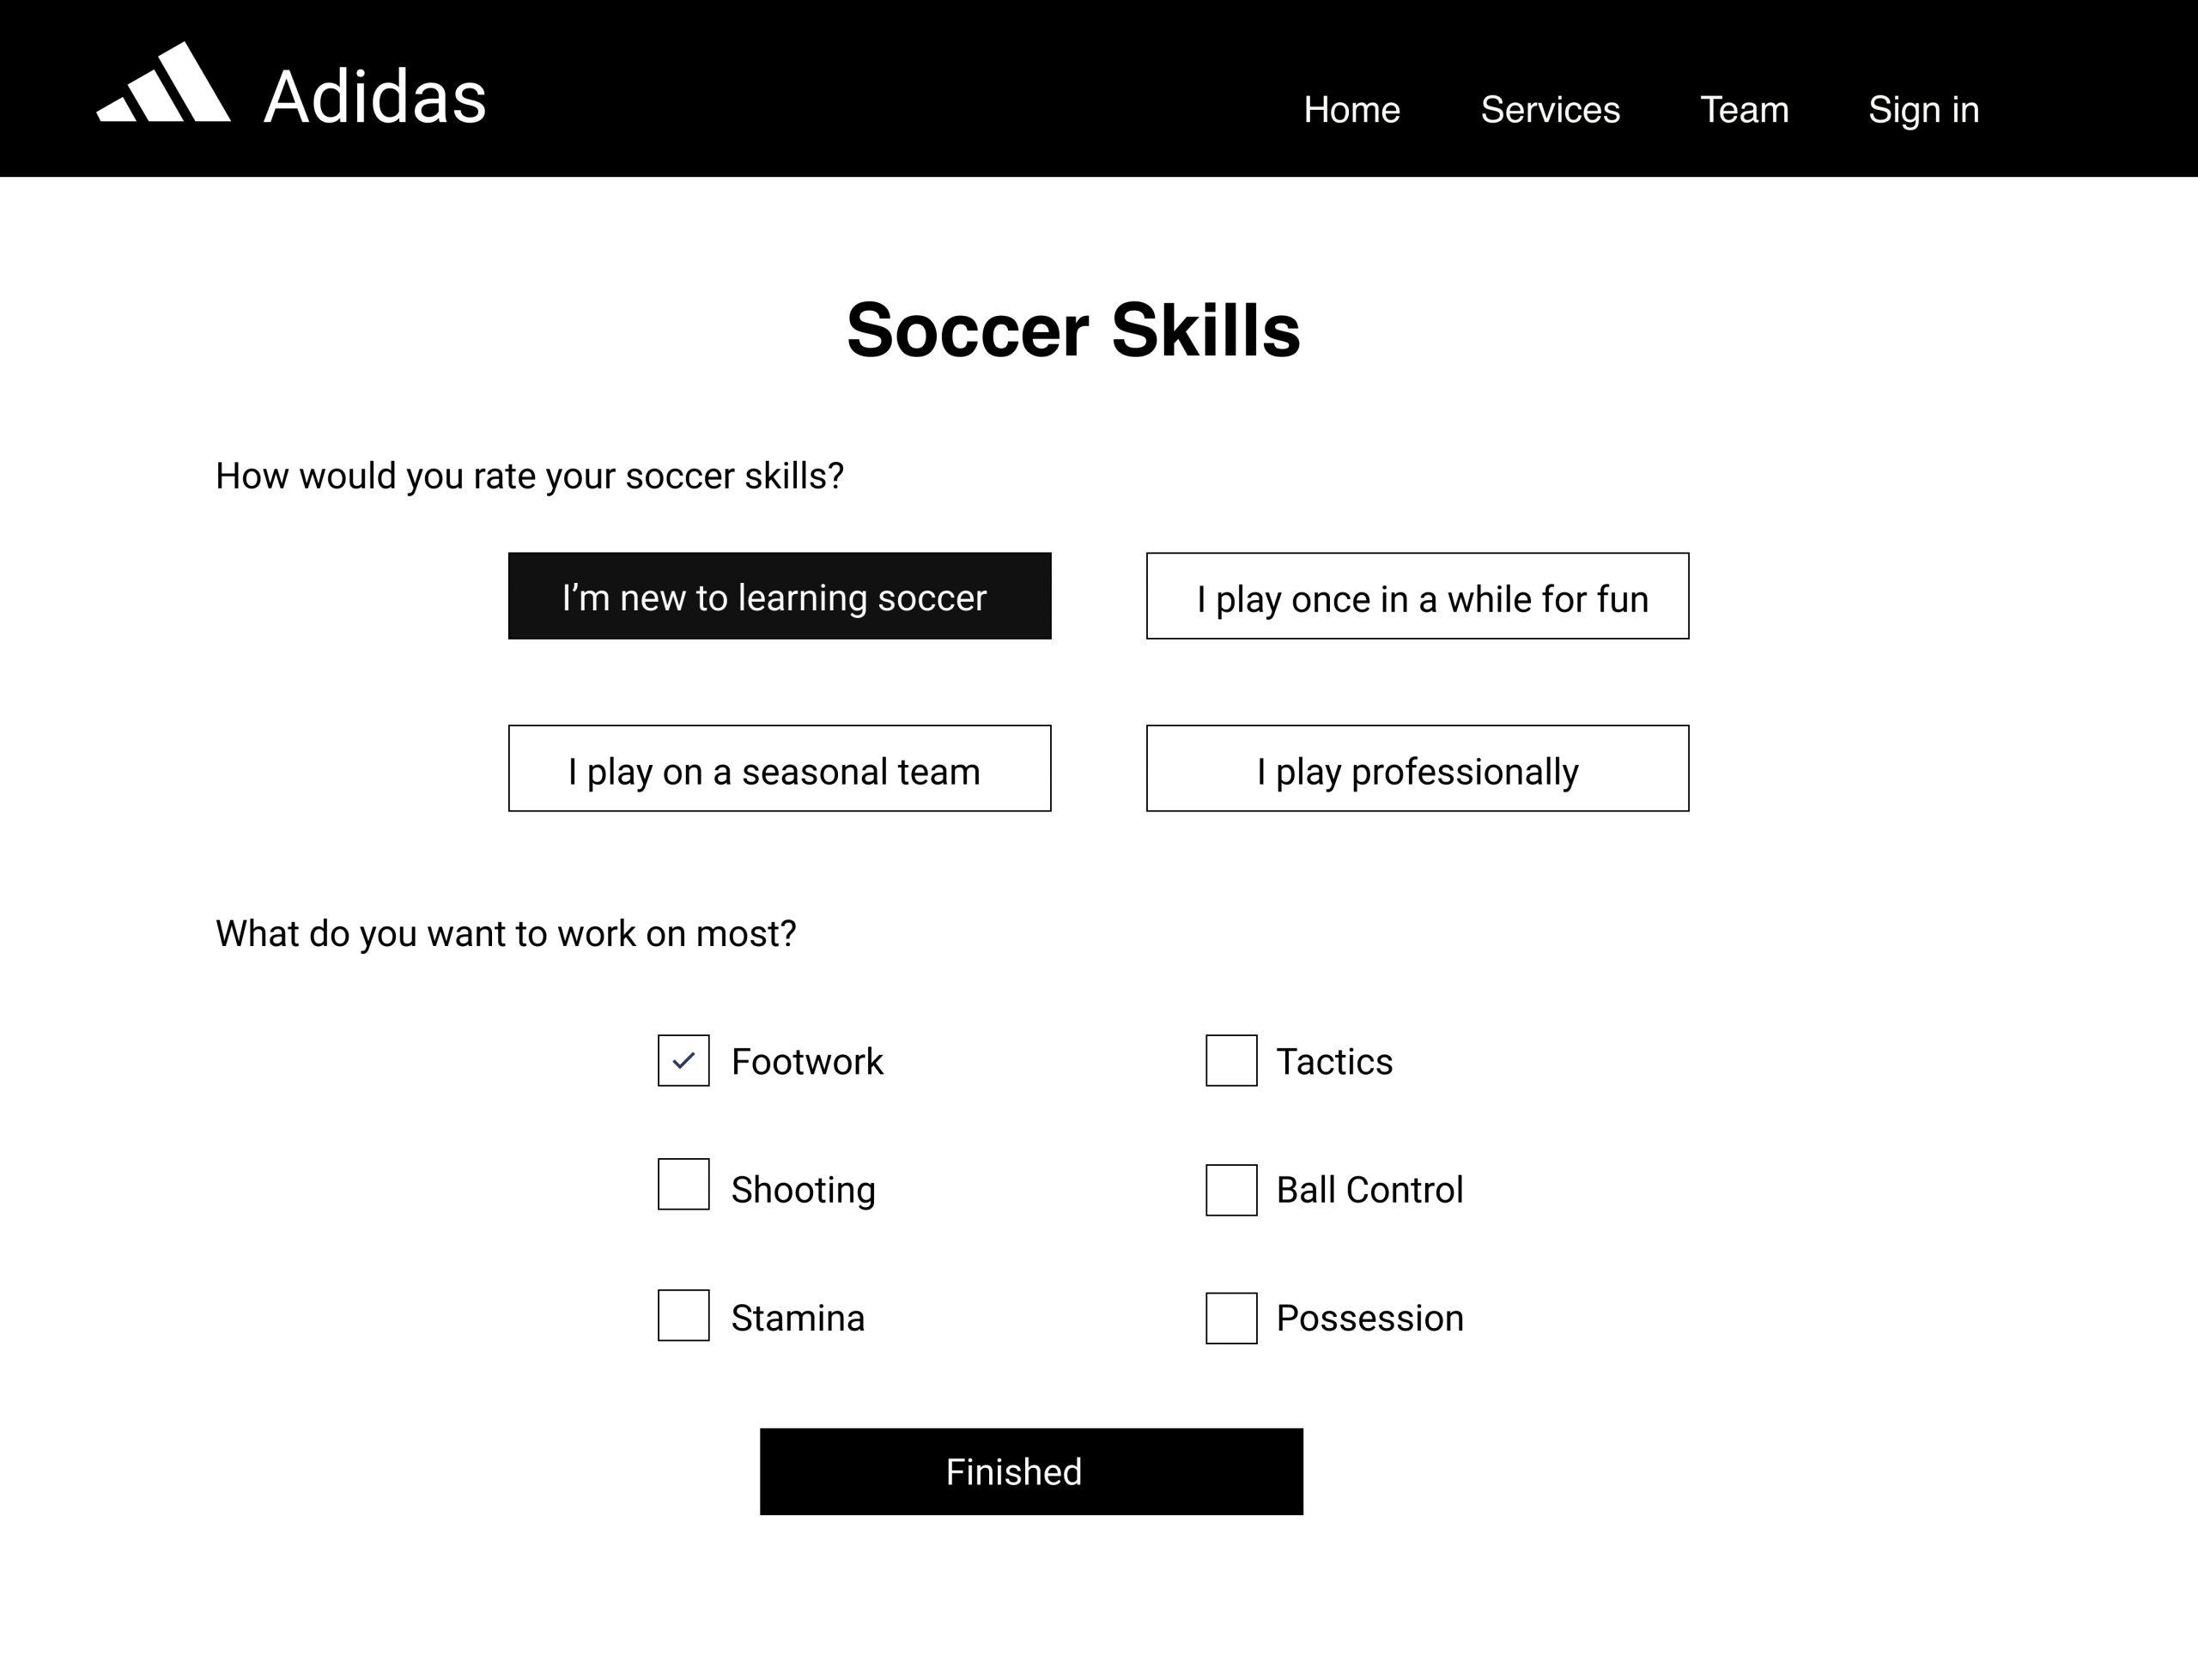 adidas_questionnaire